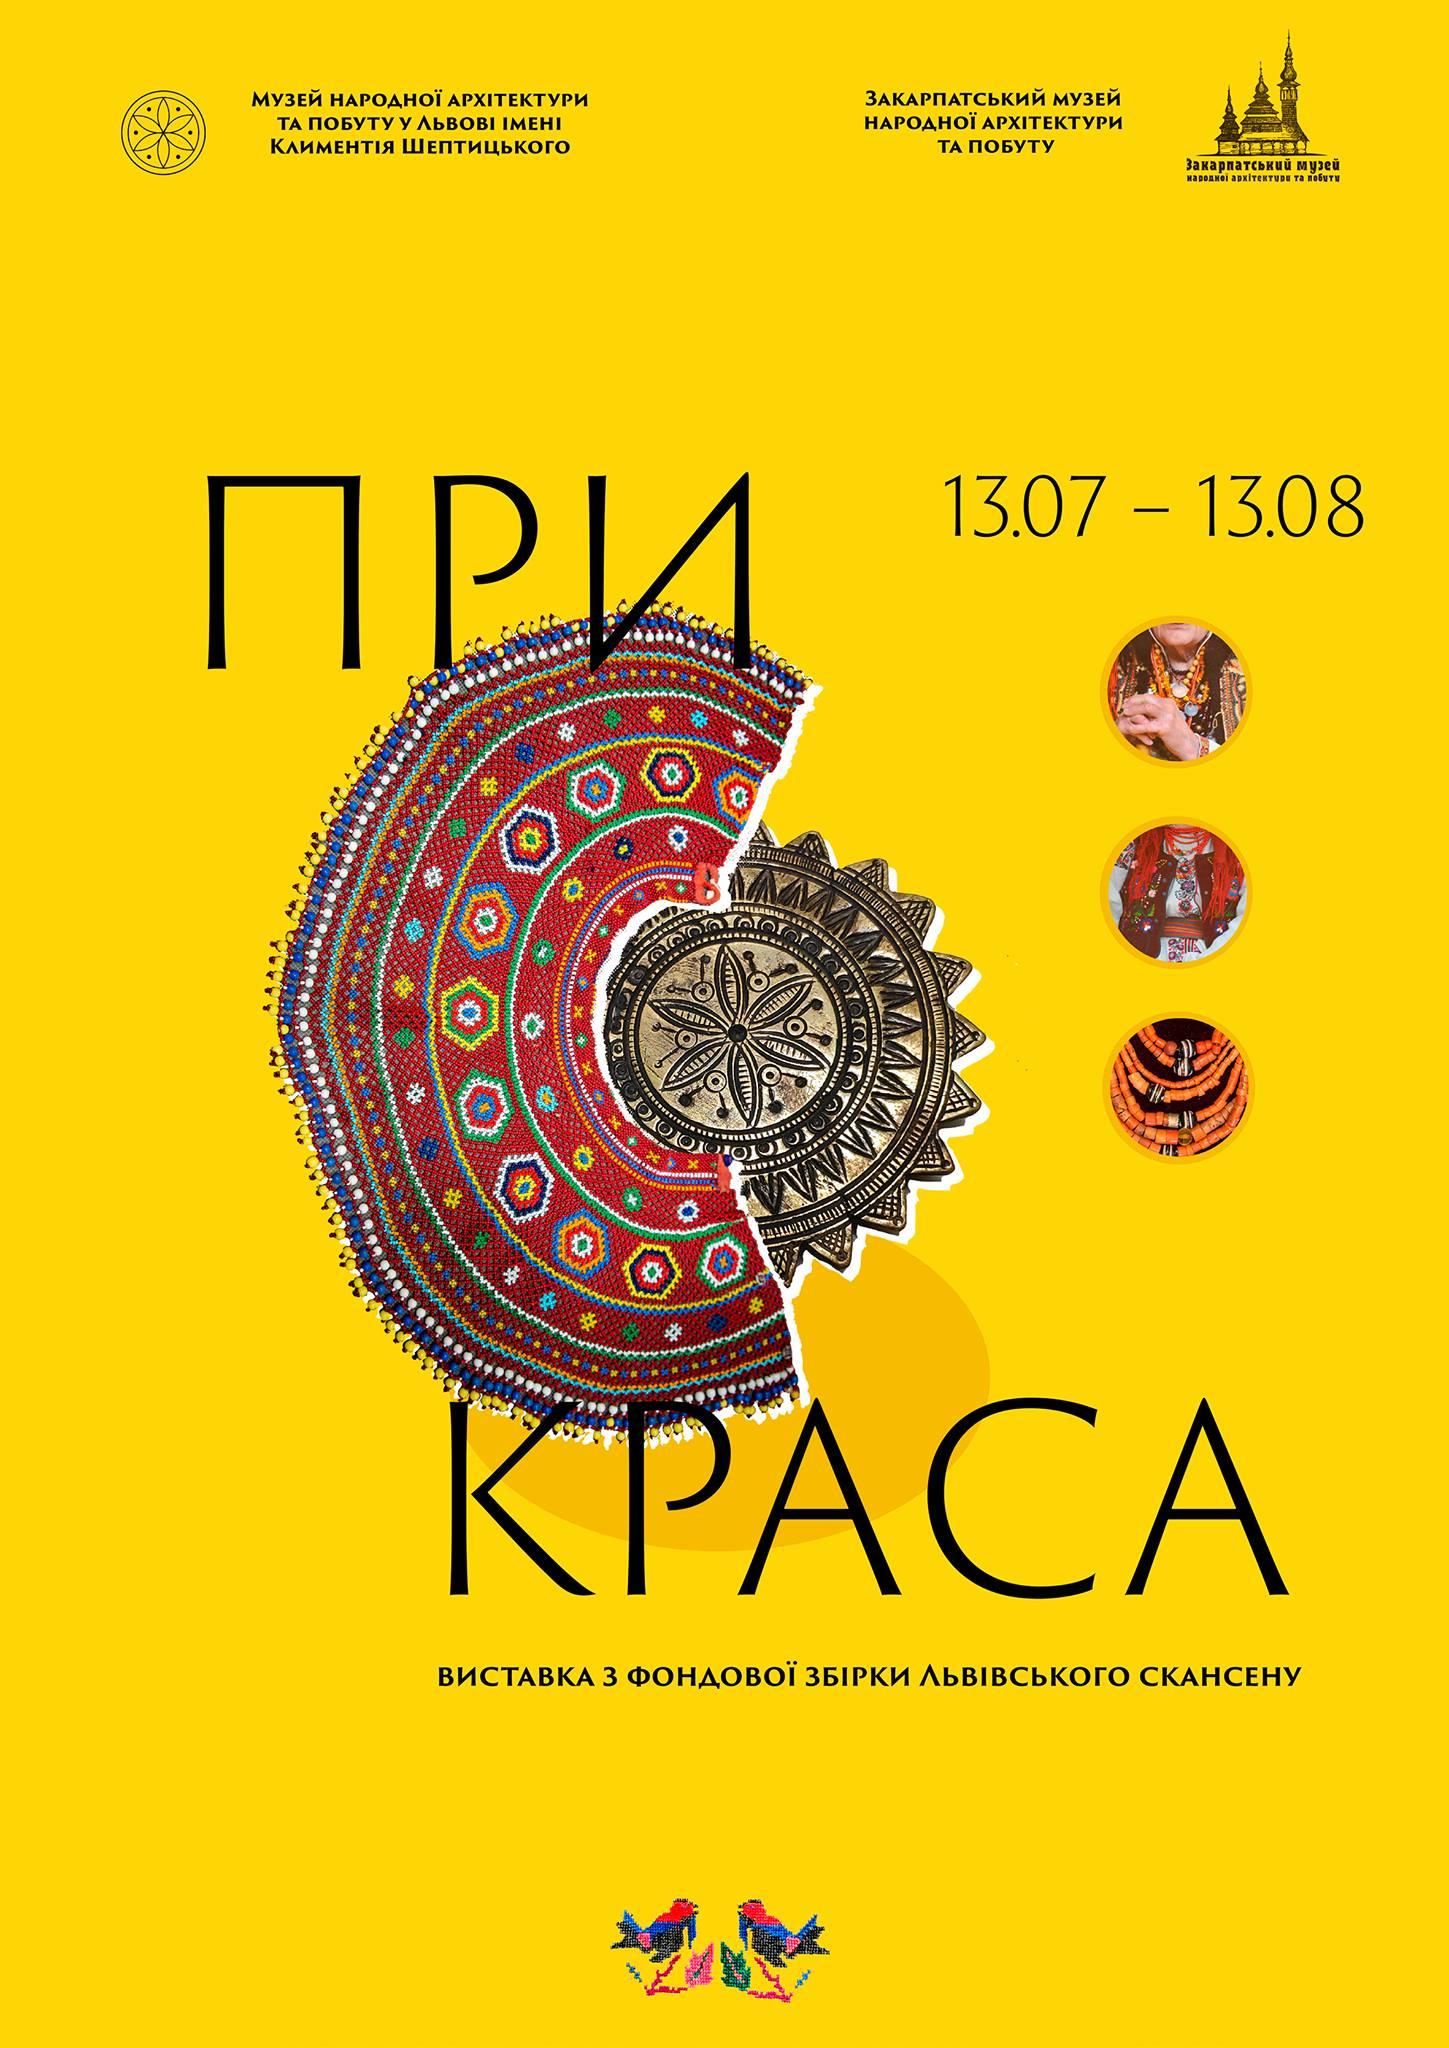 Закарпатський музей народної архітектури та побуту запрошує відвідати виставку